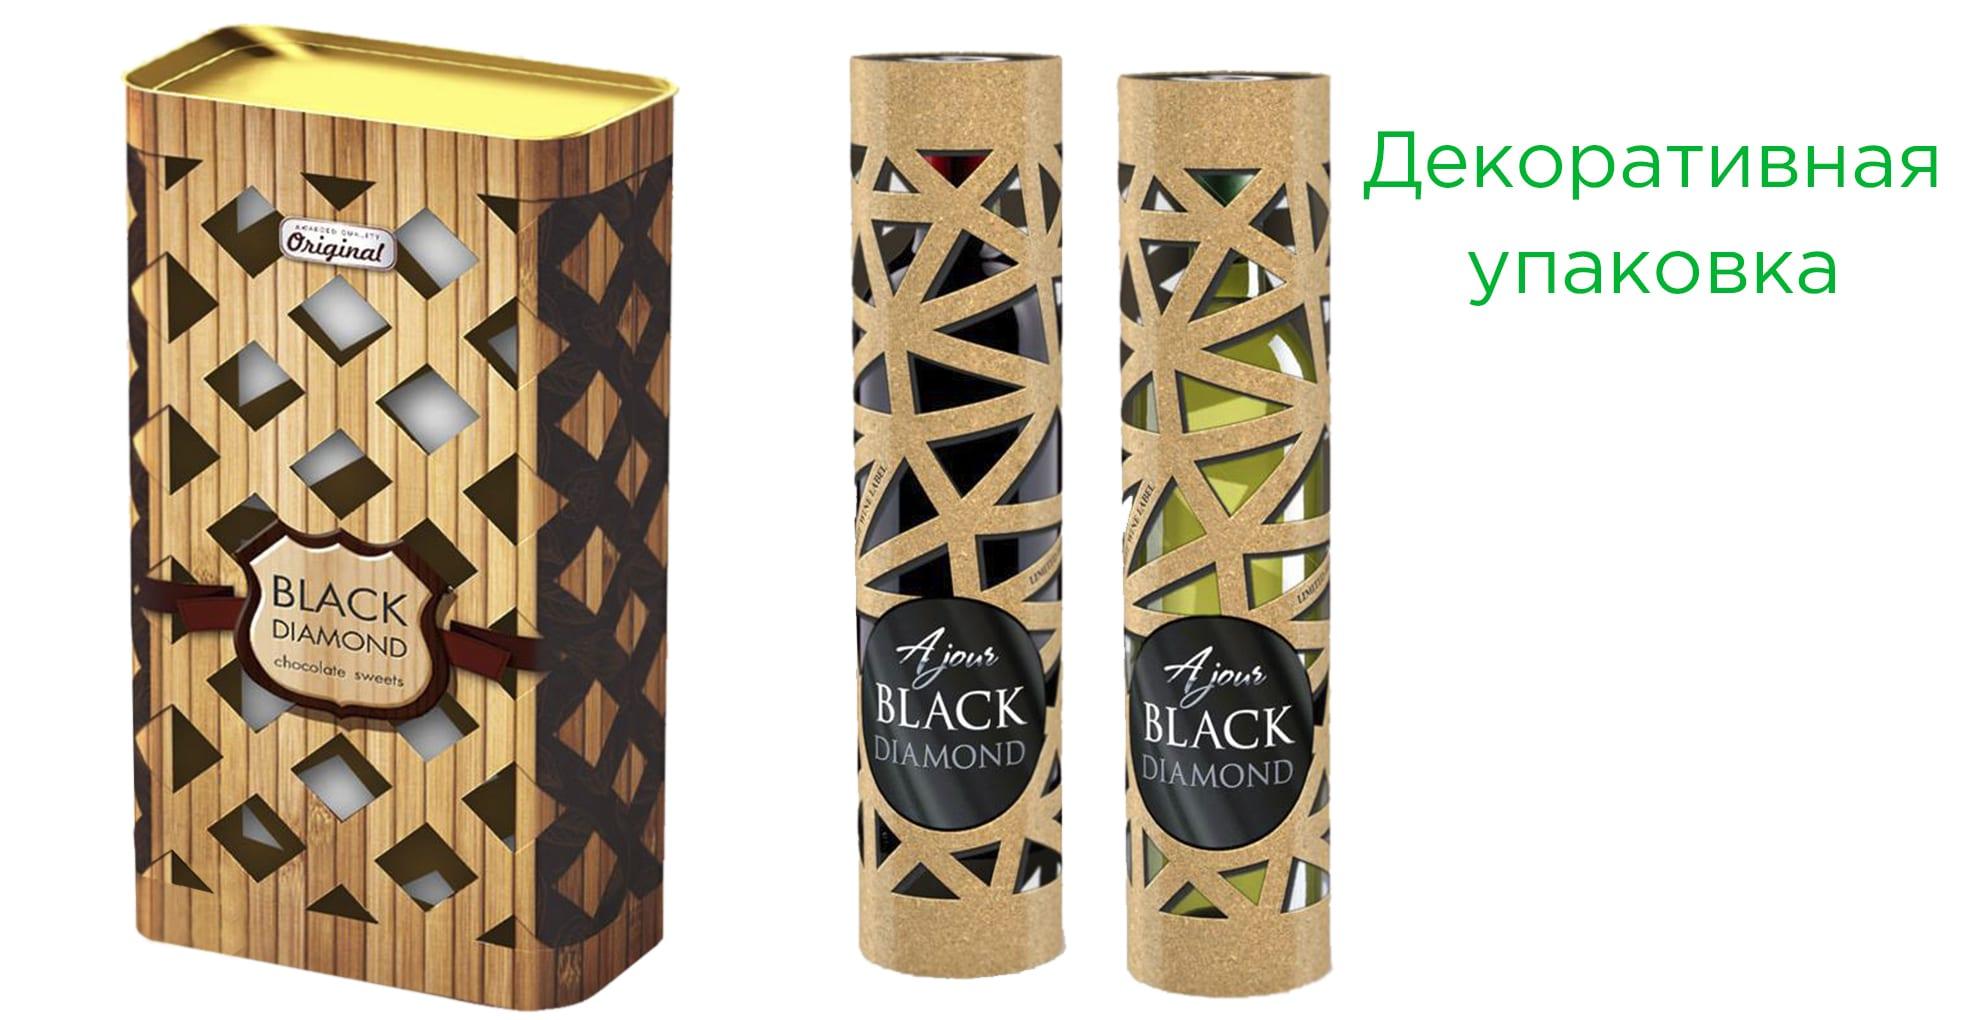 Декоративные коробки для подарков и корпоративных сувениров 1